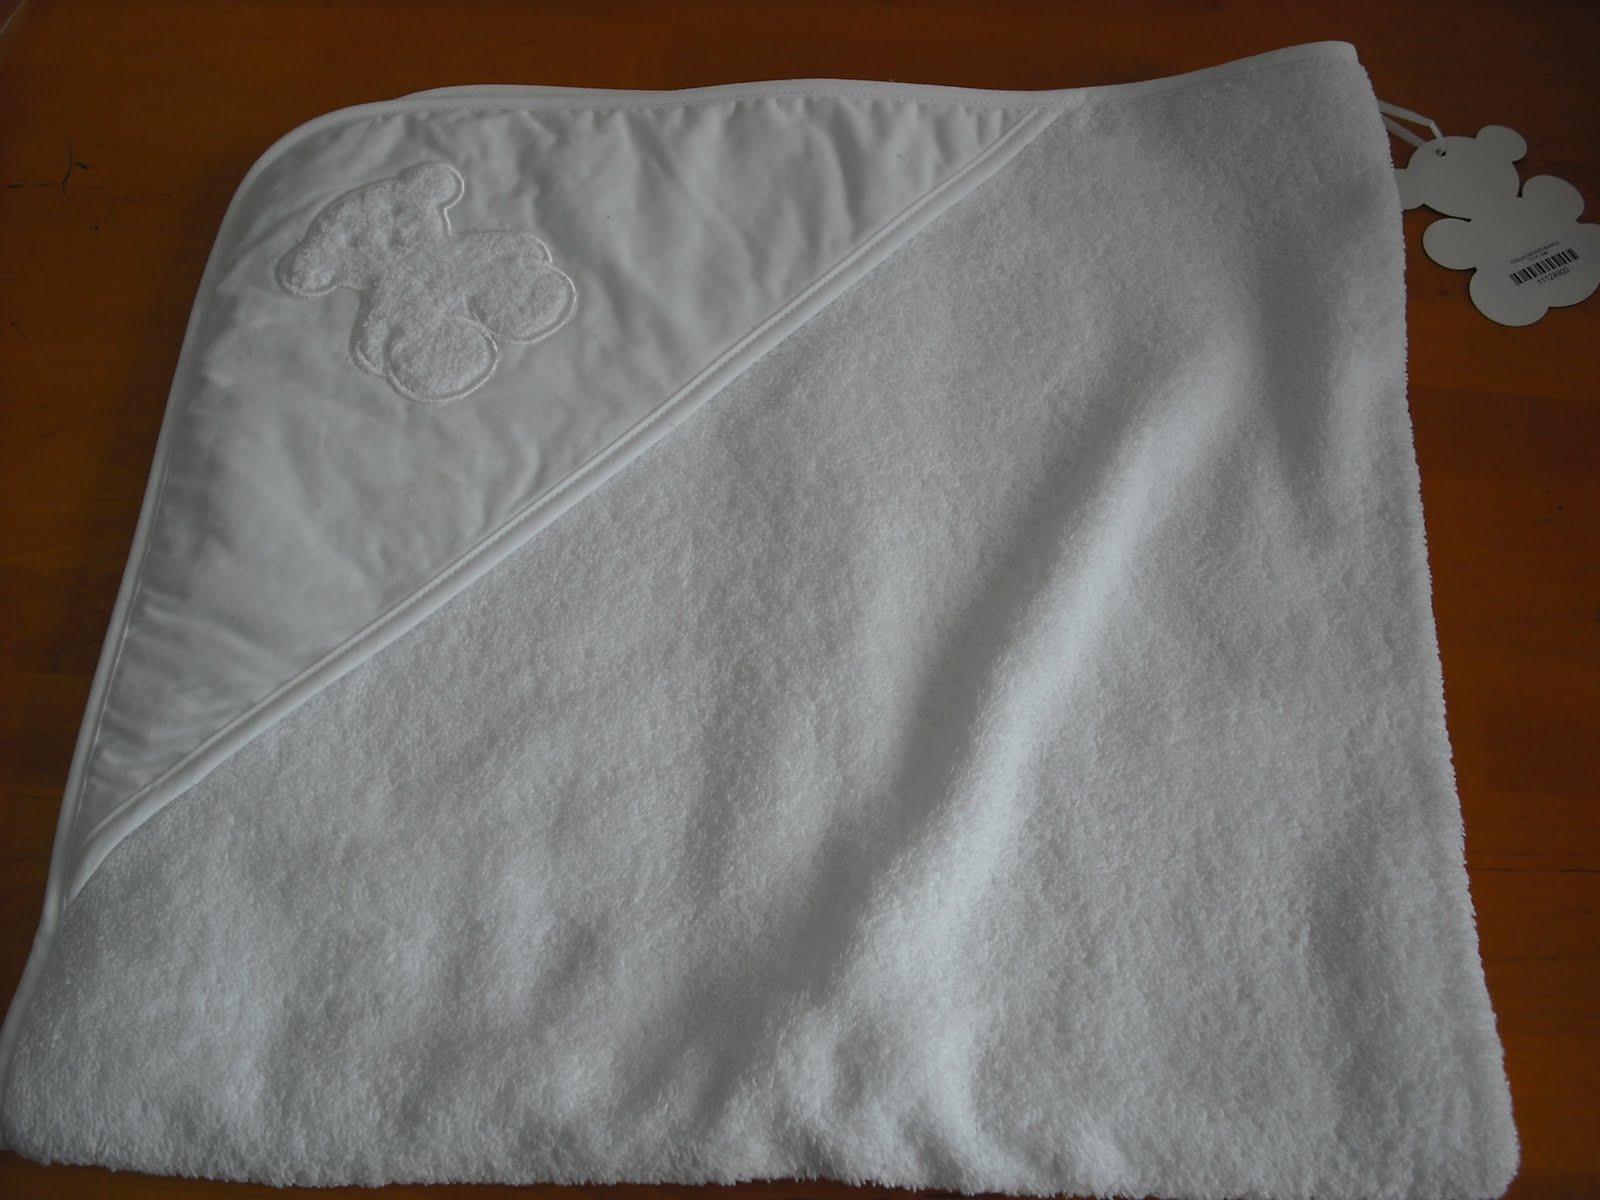 Antojos bebe toallas arrullos y capas de ba o - Capas de bano bebe personalizadas ...